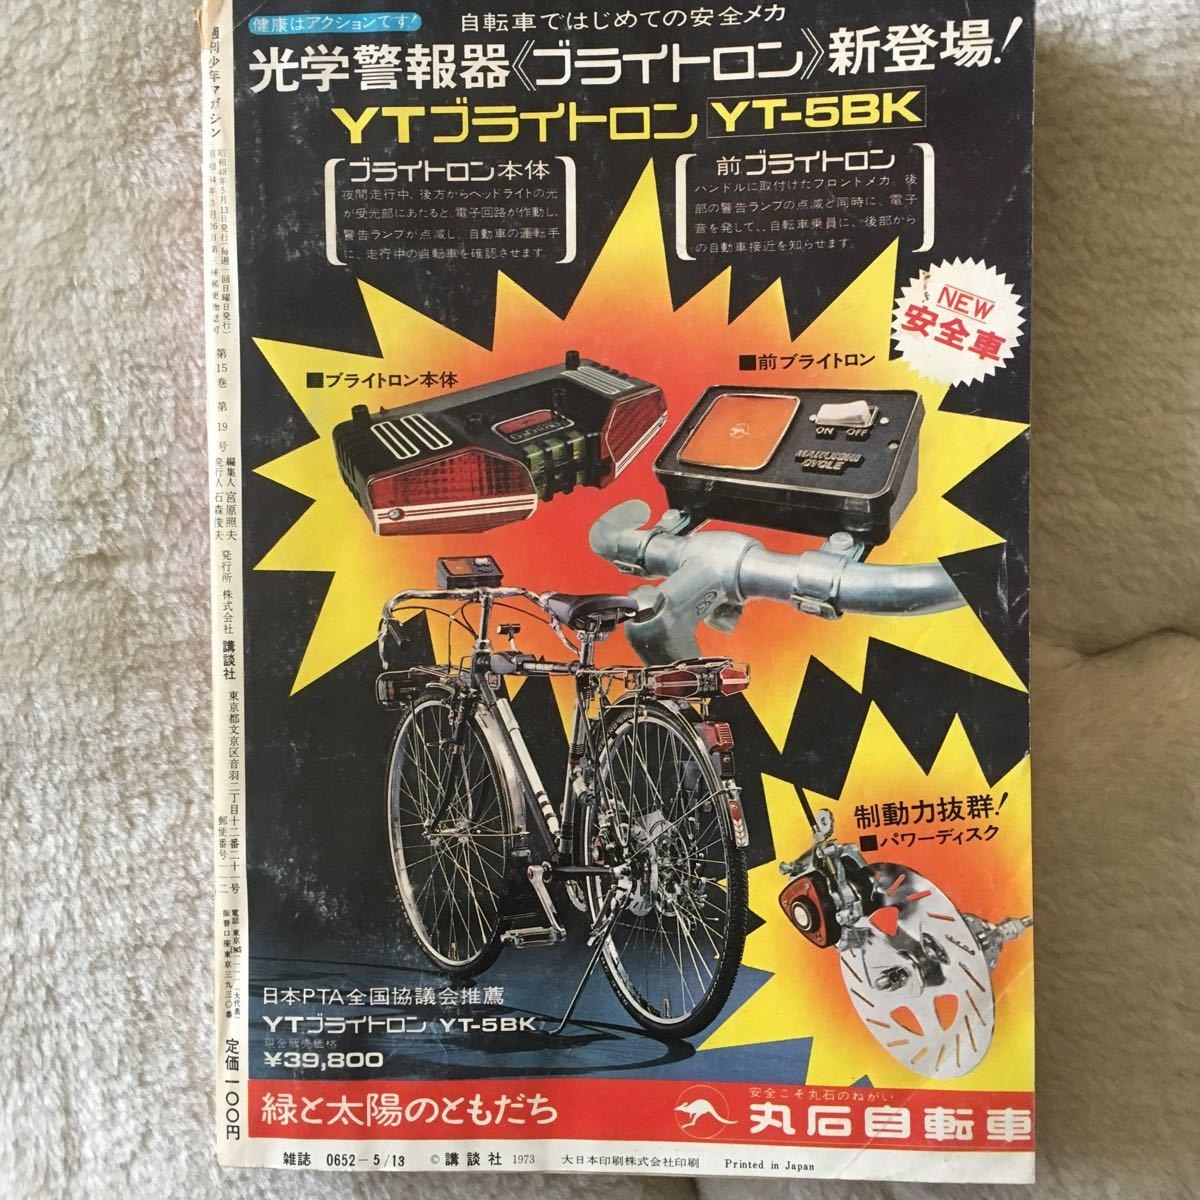 週刊少年マガジン あしたのジョー最終回 昭和48年5月13日発行 の落札